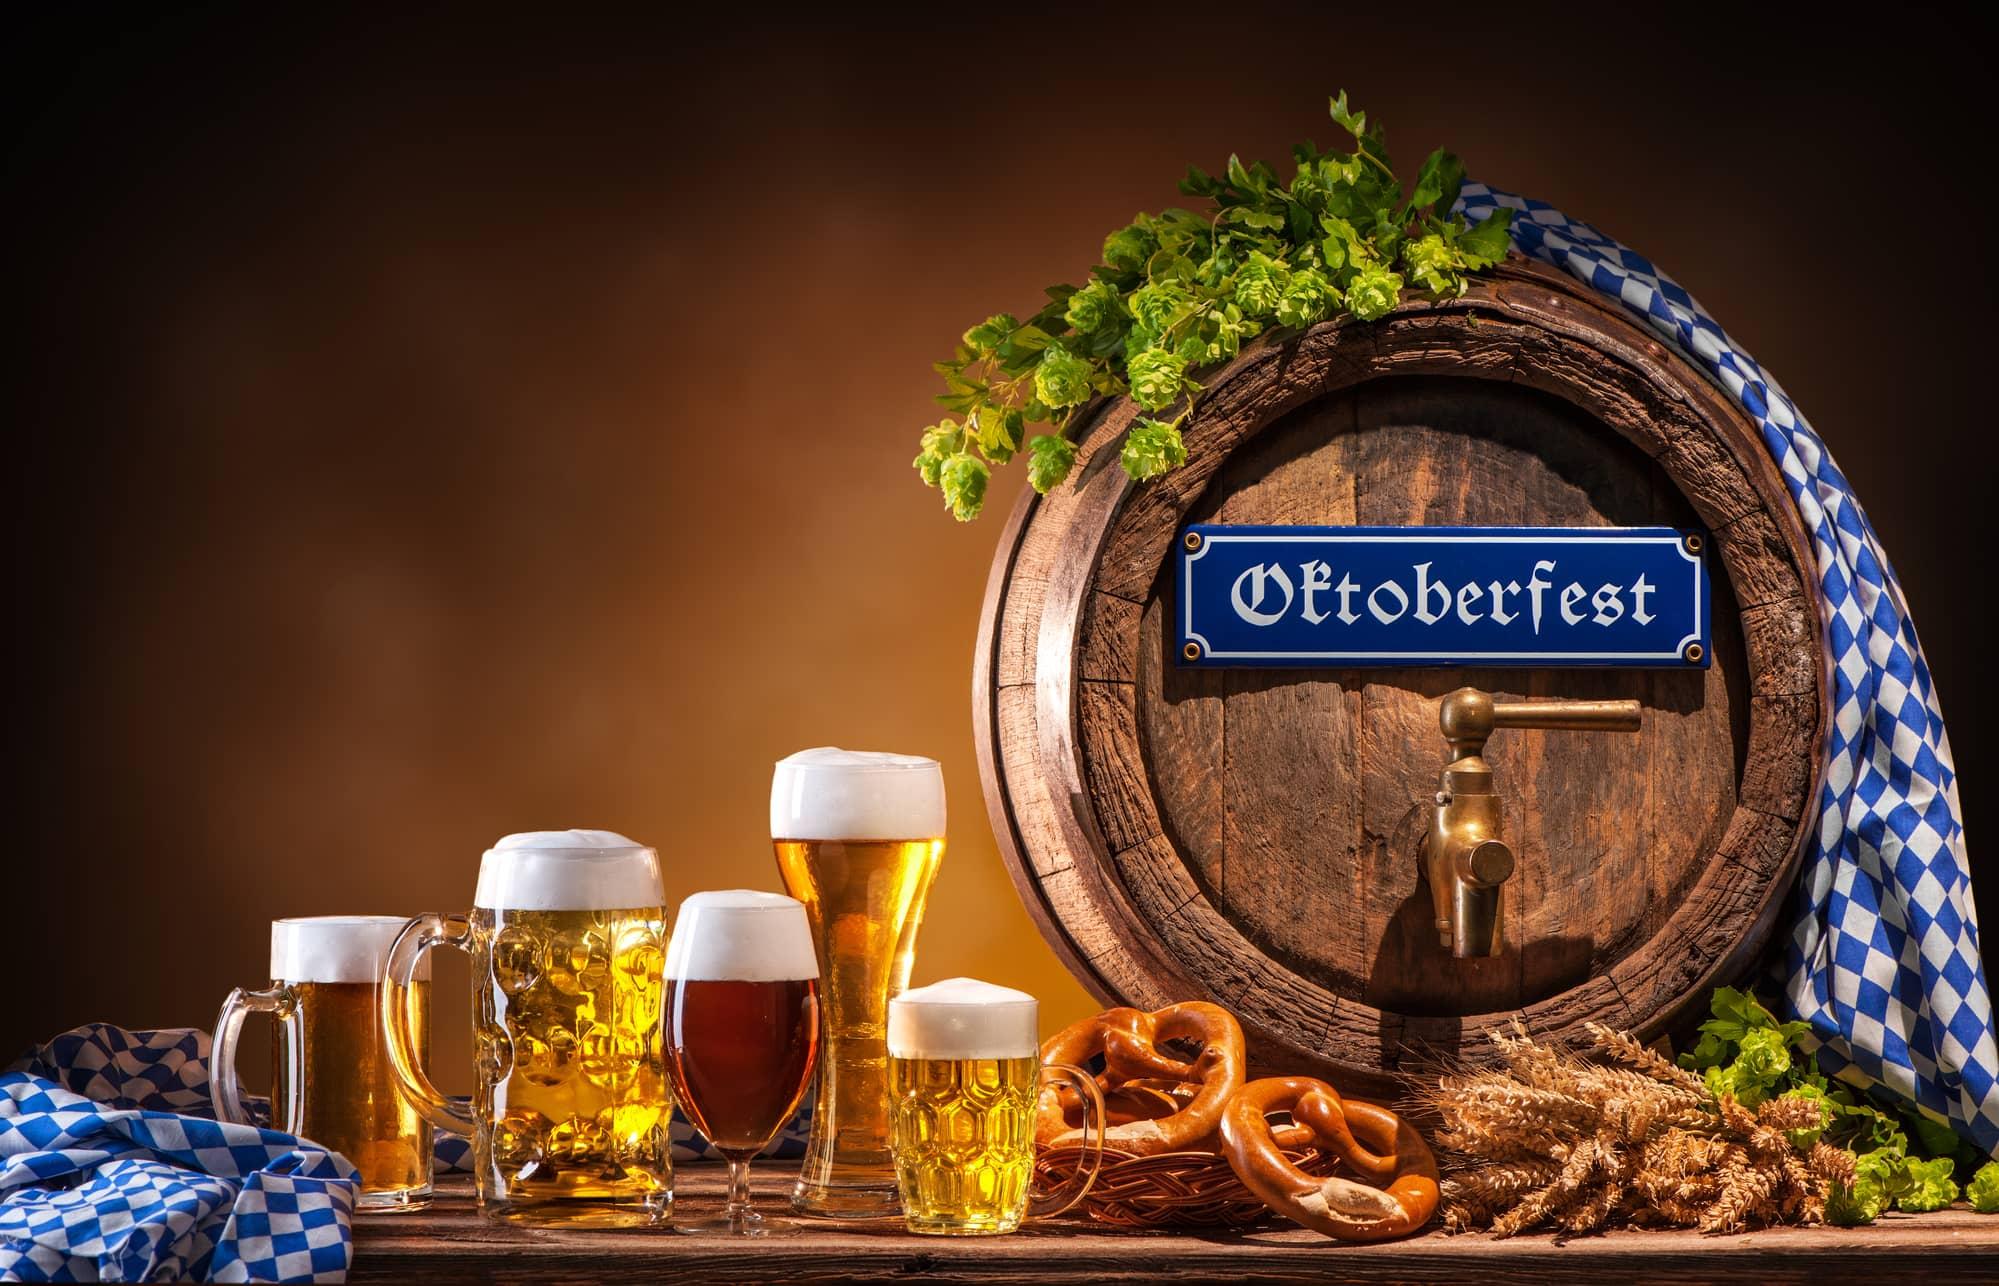 Best Oktoberfest Beer